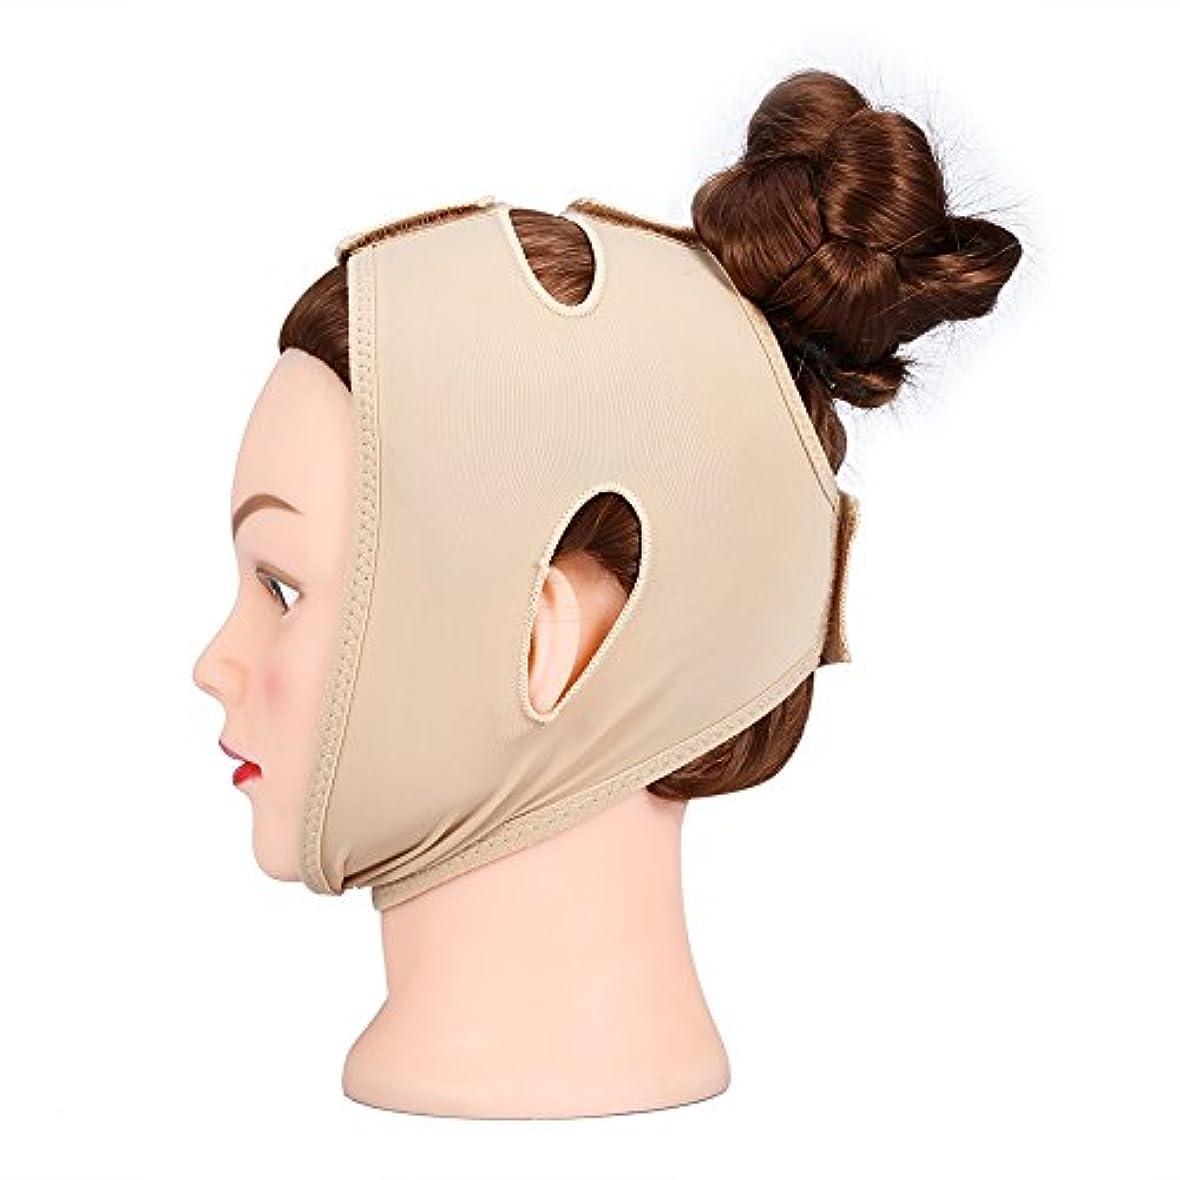 帝国主義レンチ静かに痩身フェイスバンド、痩身フェイスマスク、フェイスリフトマスク、睡眠首マスク、二重あご包帯を減らす(M)